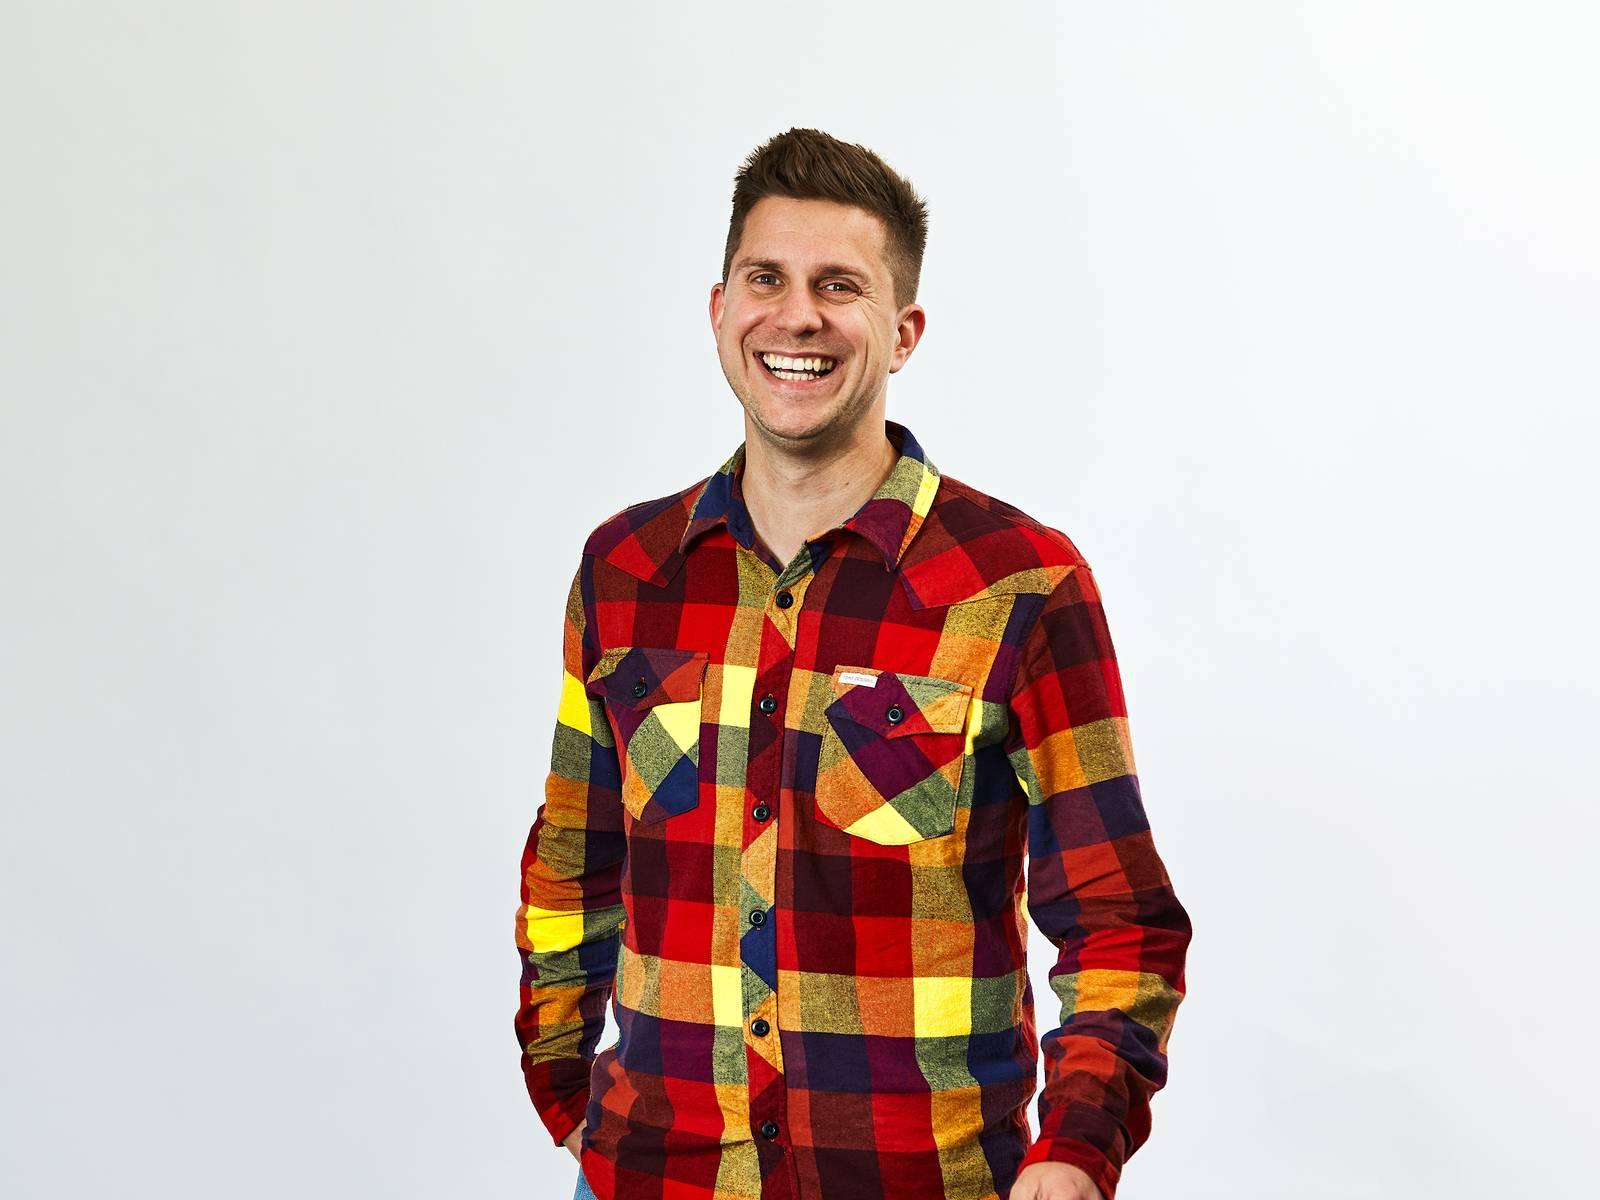 A profile image of Graham Jago